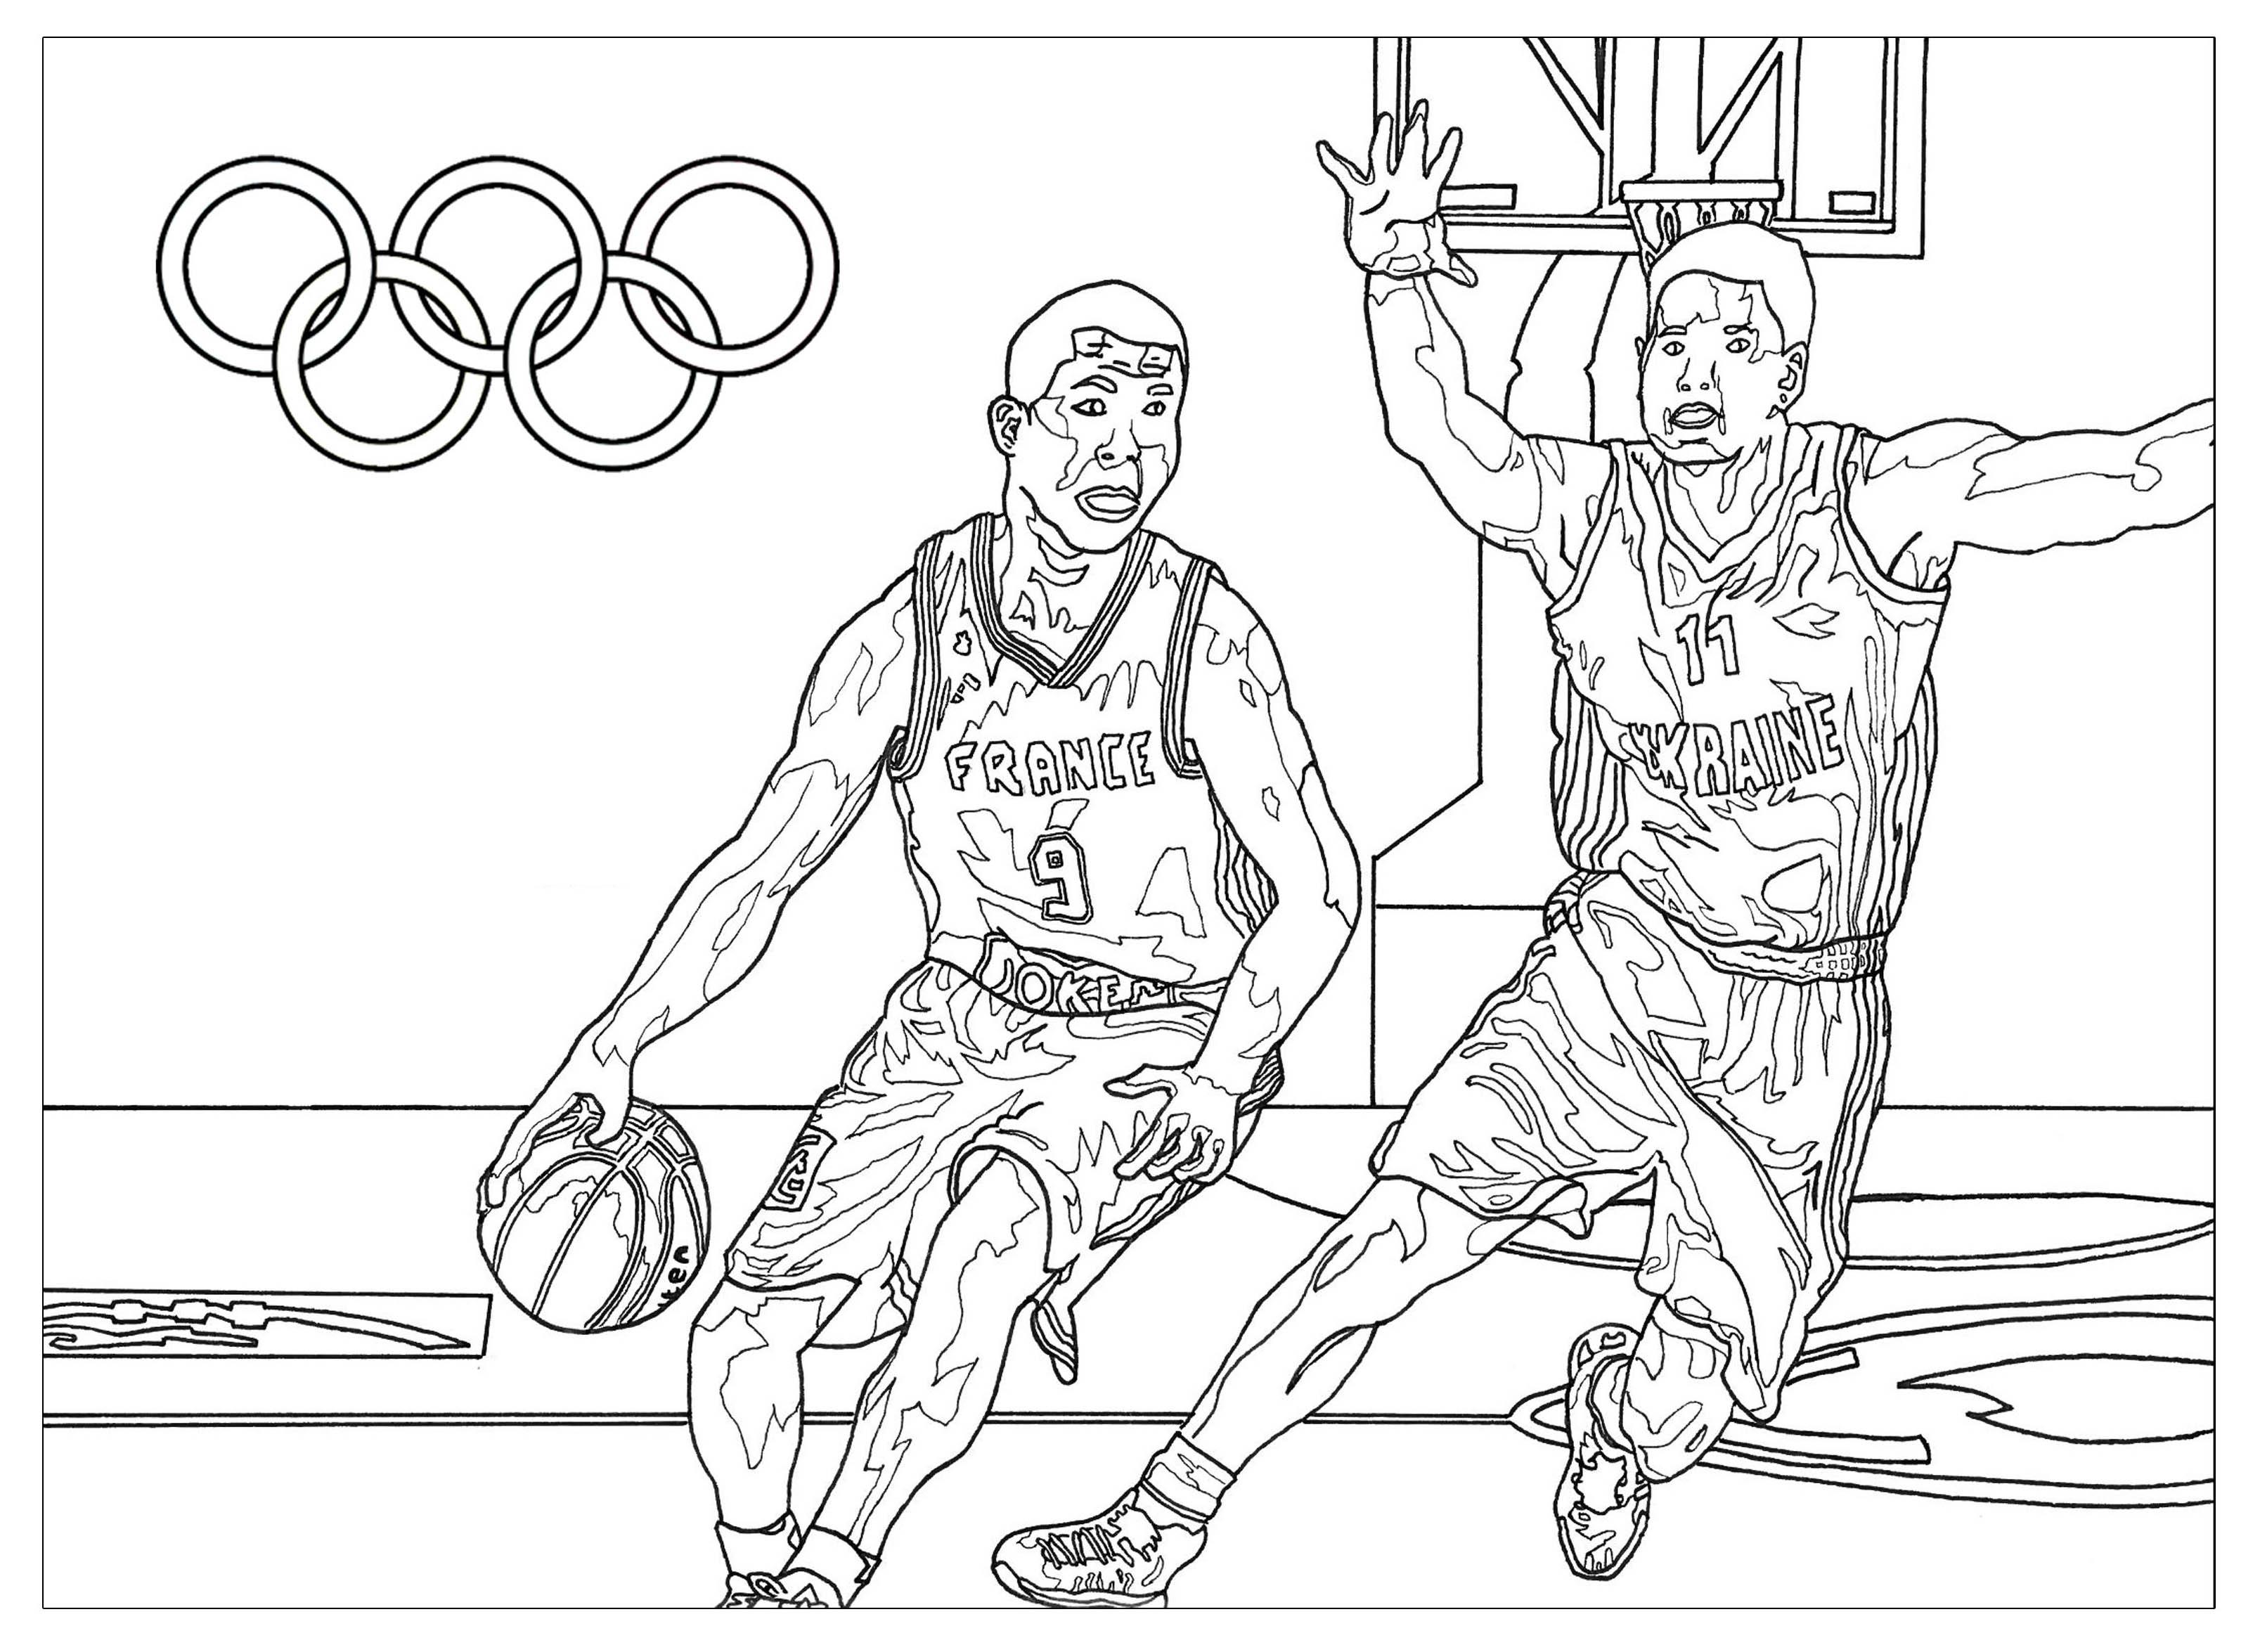 Colorear para adultos : Deporte - 15